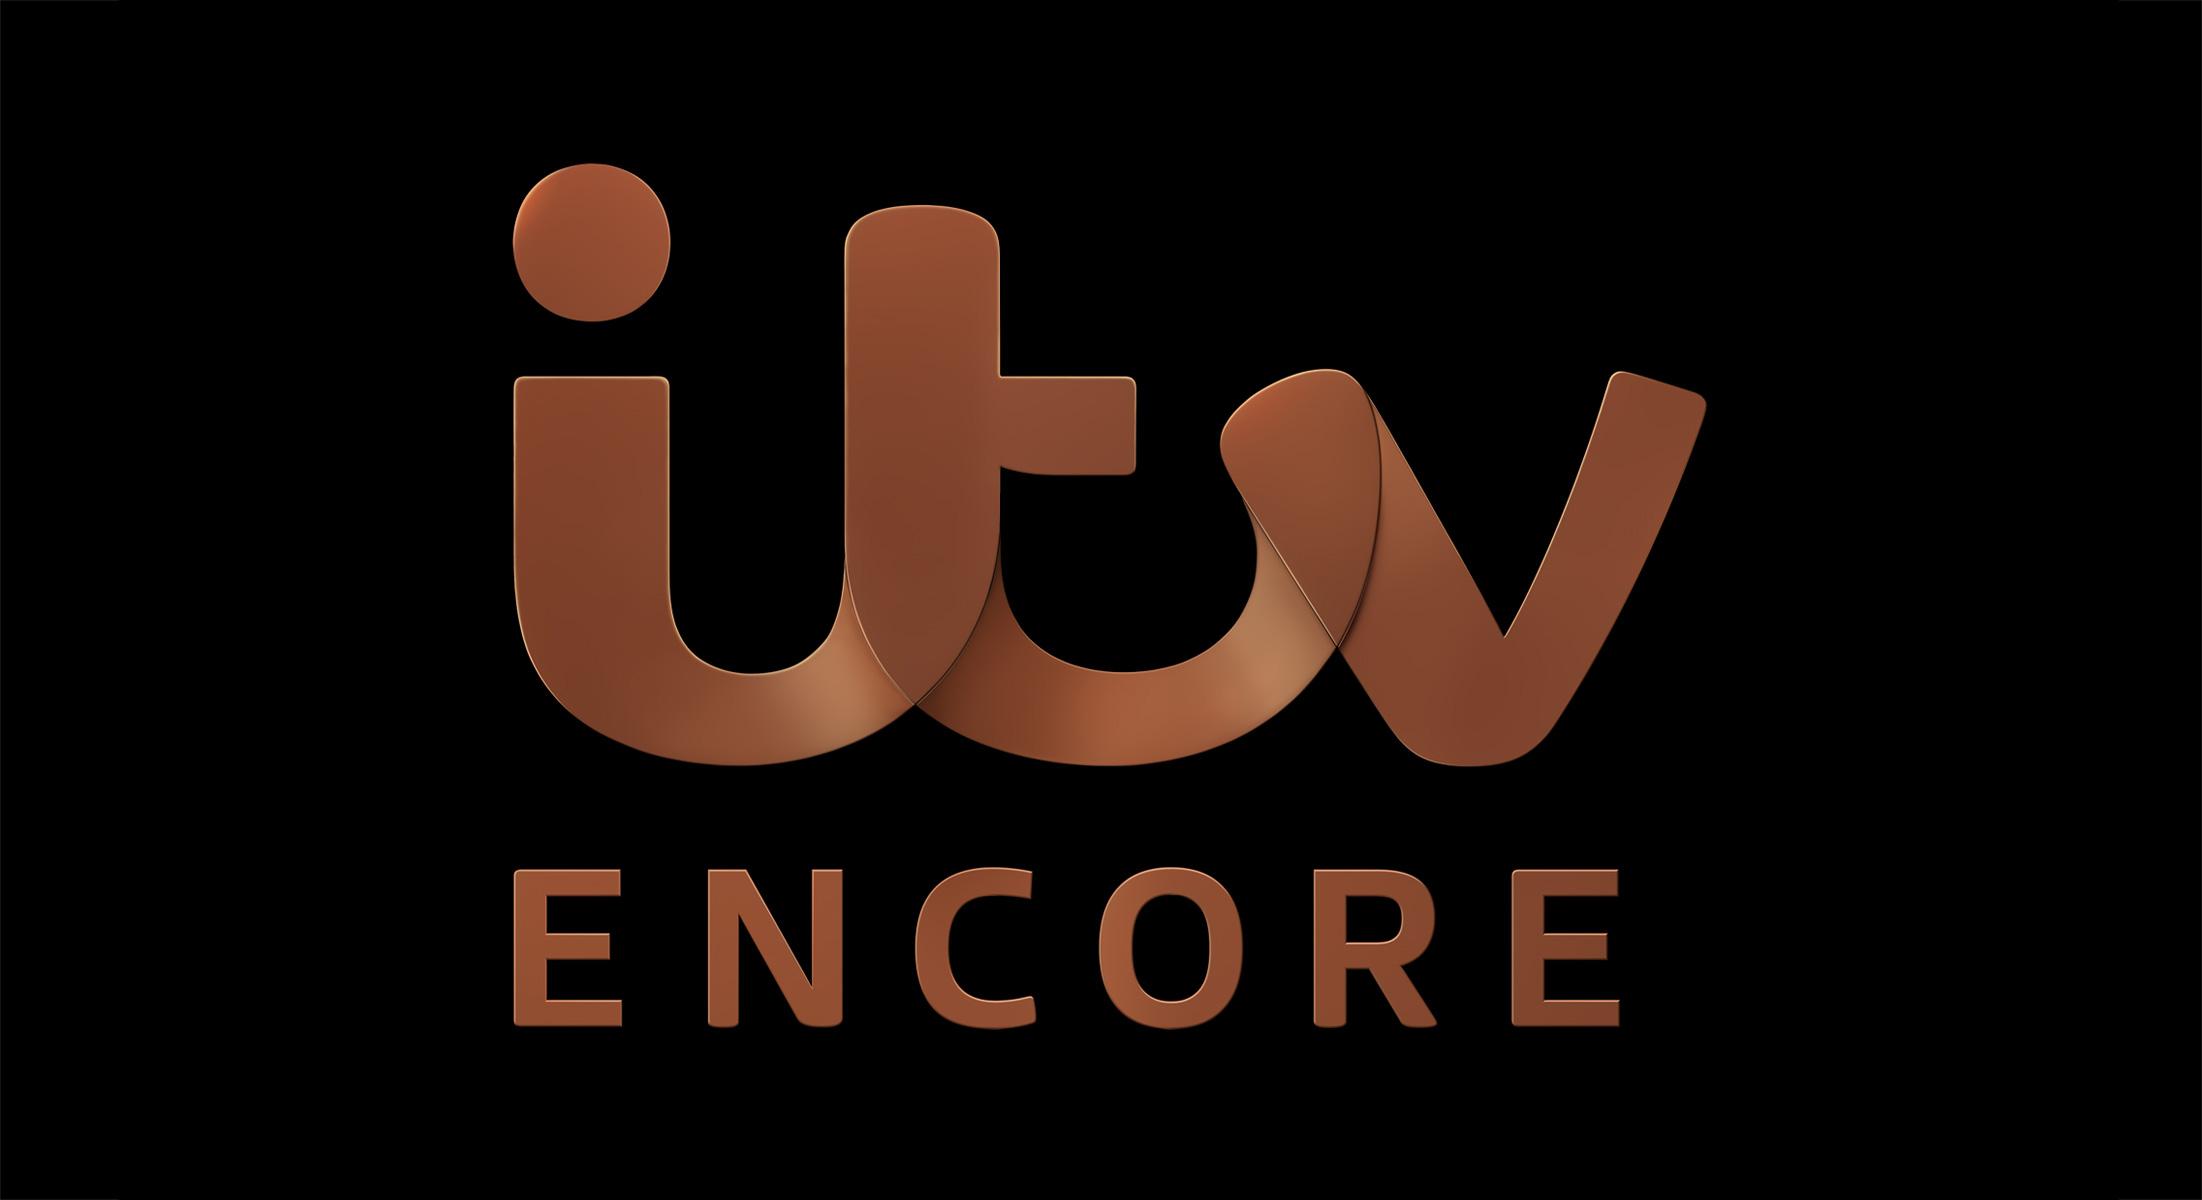 ITV-Encore-logo